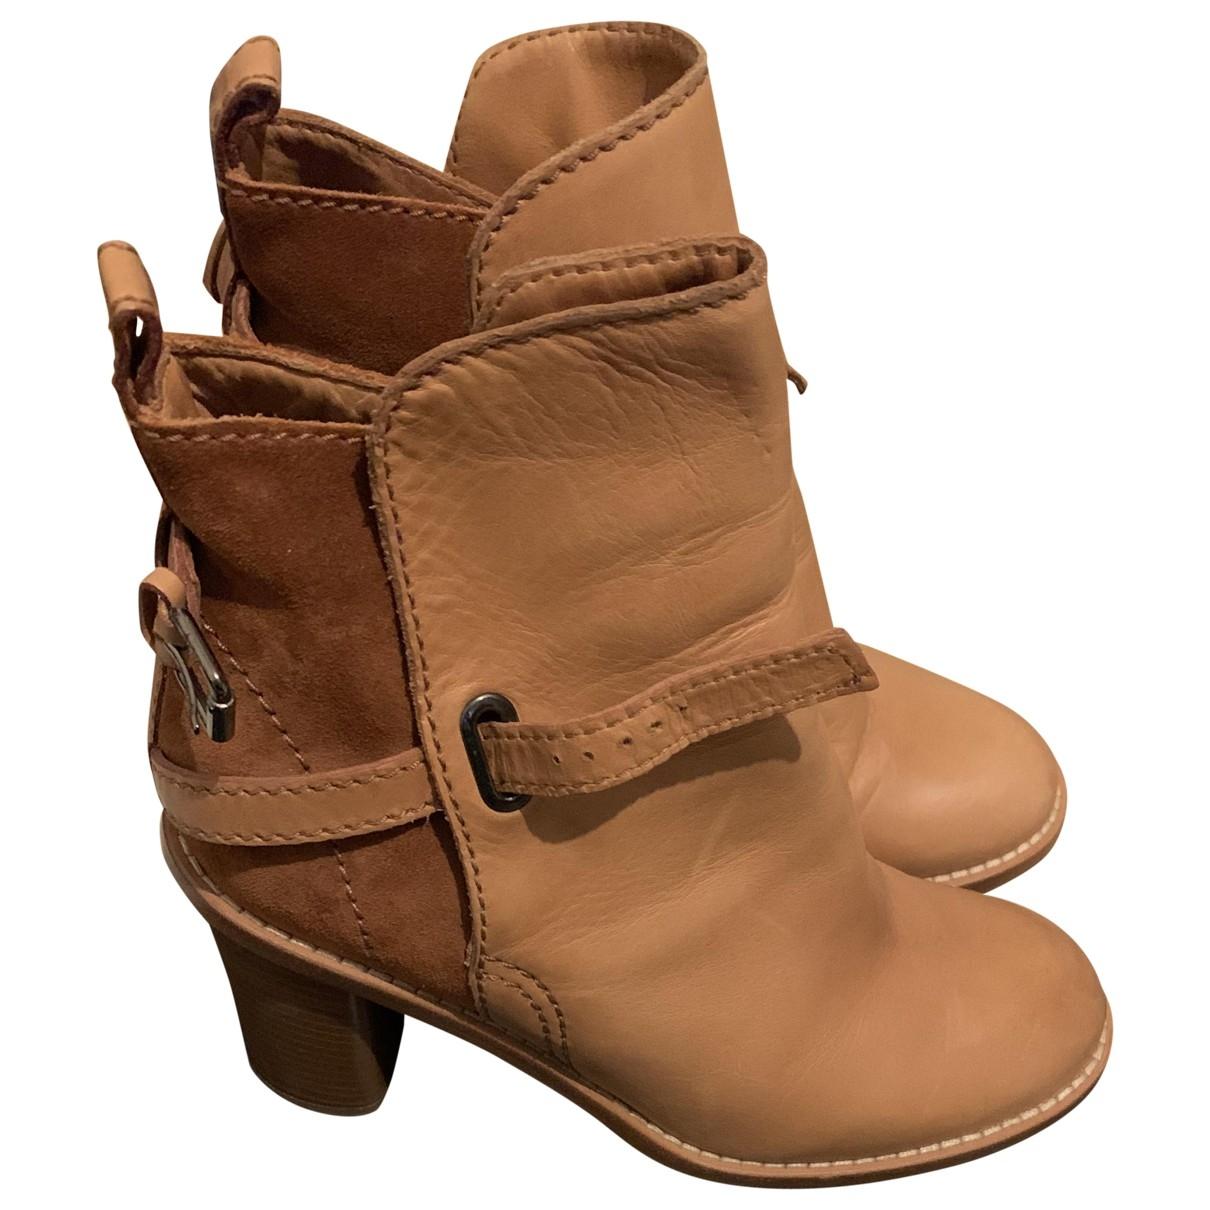 Acne Studios - Boots Cypress pour femme en cuir - beige